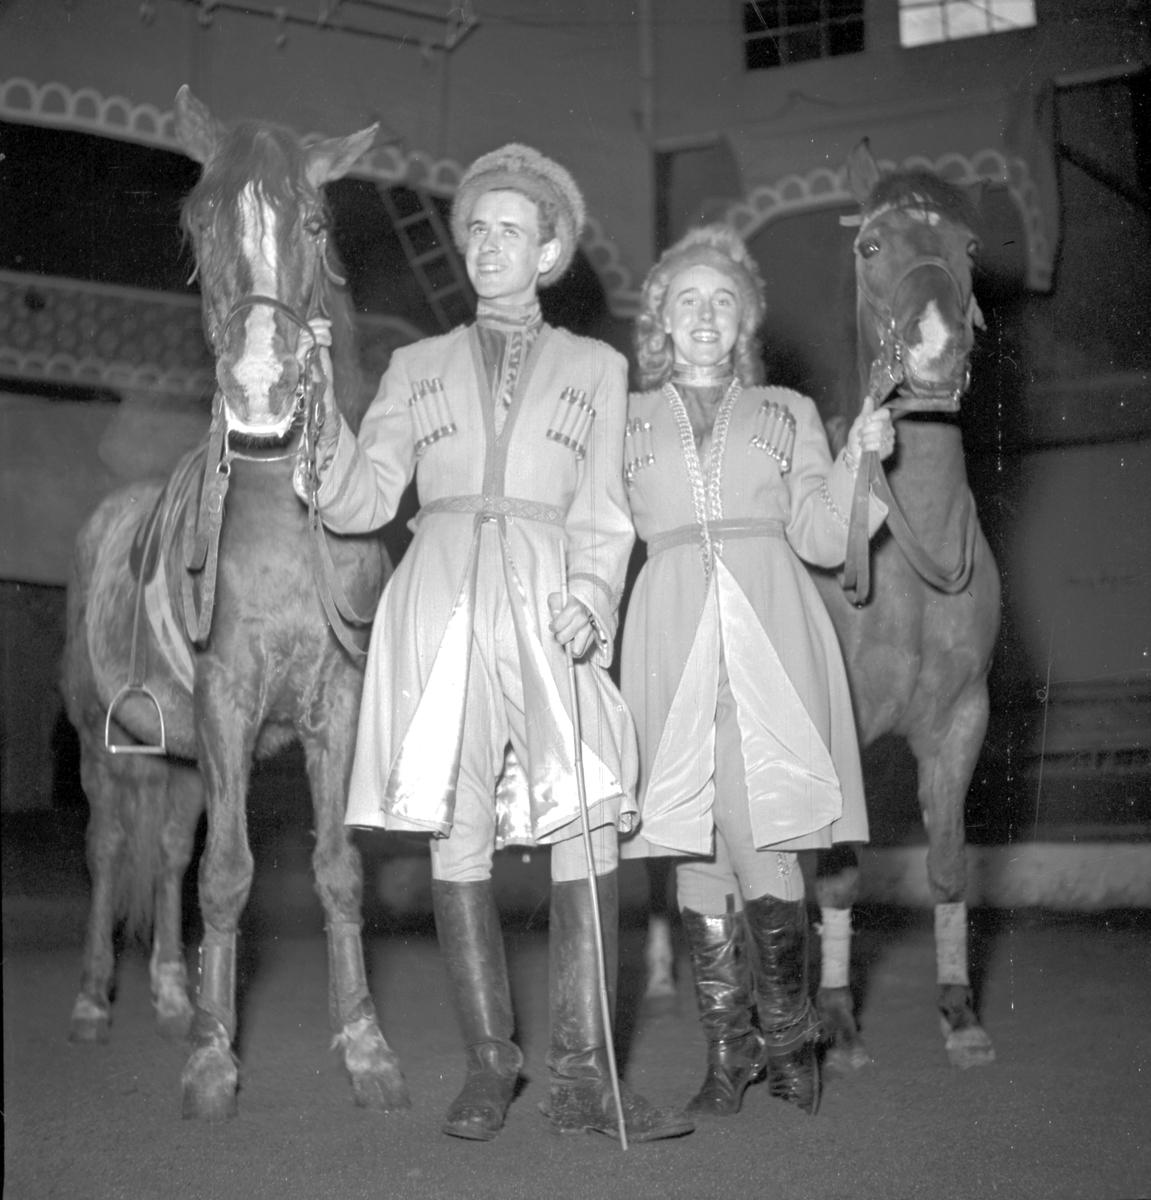 Furuvik Folkdanslaget Furuviks Ungdomslag och Barnkabarén blev Furuviksbarnen. Cirkusbyggnaden Teater-cirkus med ca 600 platser, uppförd 1940 Furuviksbarnen tränar inför turnén